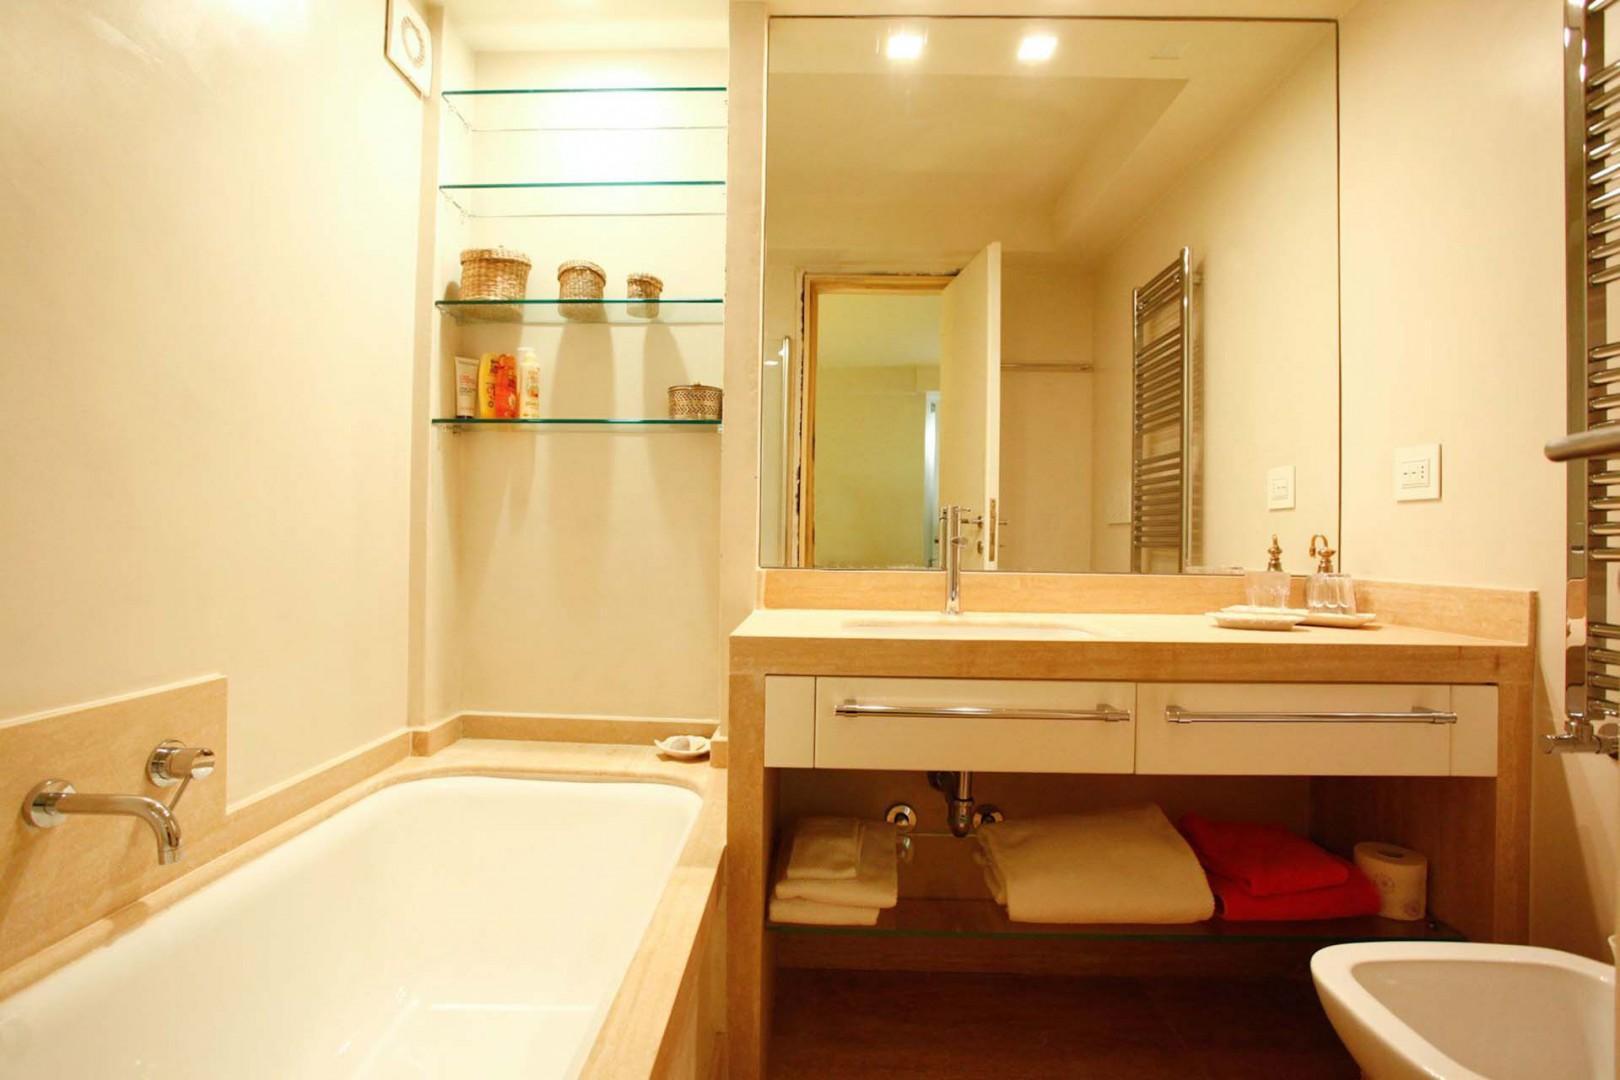 Bathroom 3 with bathtub en suite to bedroom 3